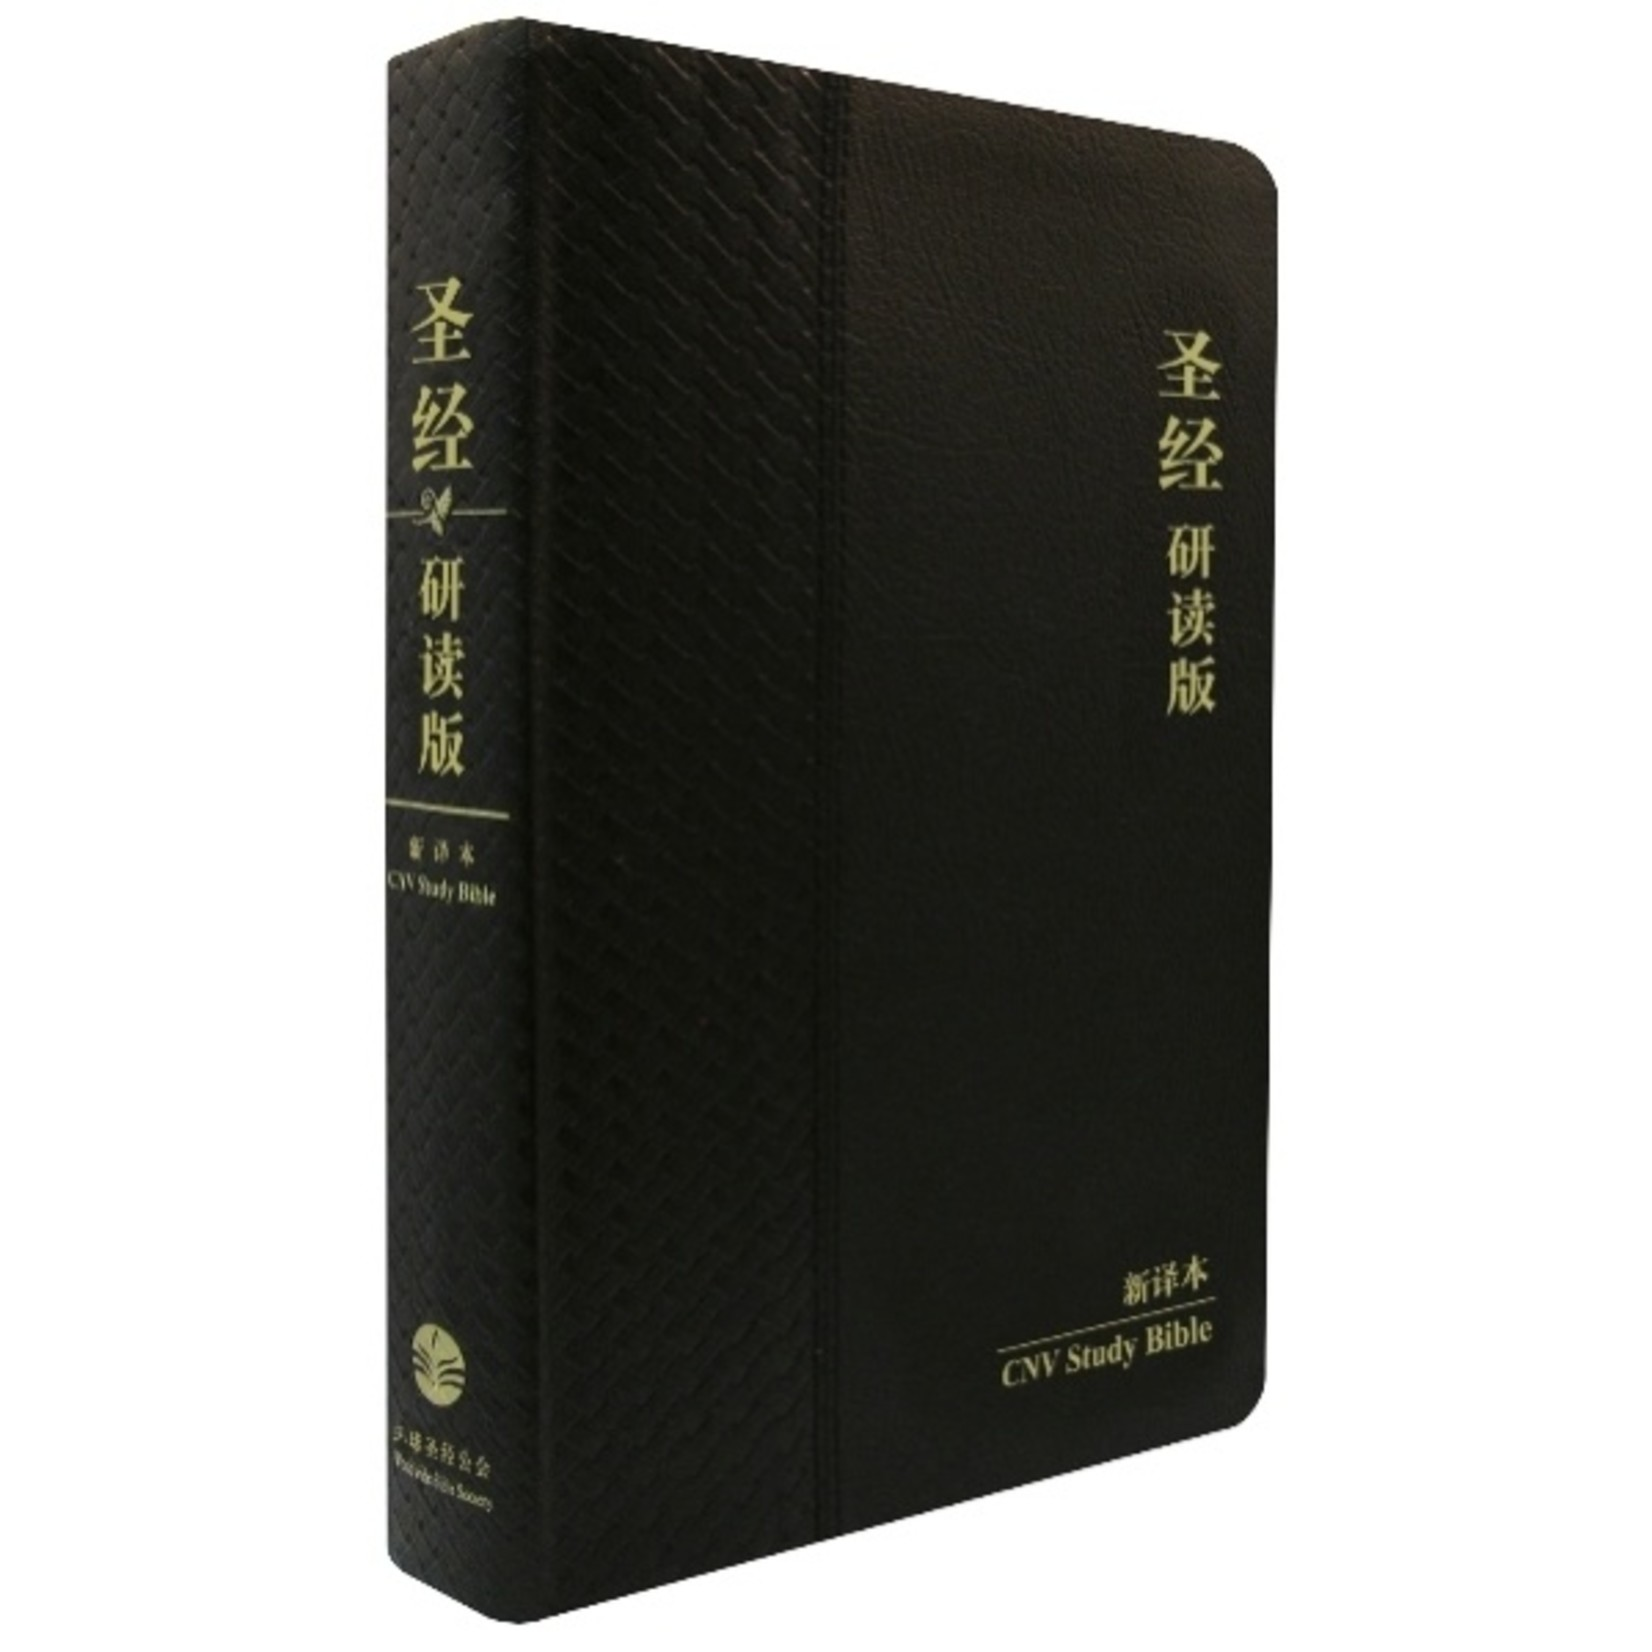 環球聖經公會 The Worldwide Bible Society 聖經研讀版:新譯本.加大裝.黑色真皮燙金金邊.簡體 CNV Study Bible, Large Size, Simp., Black Leather Cover, Gold Edge